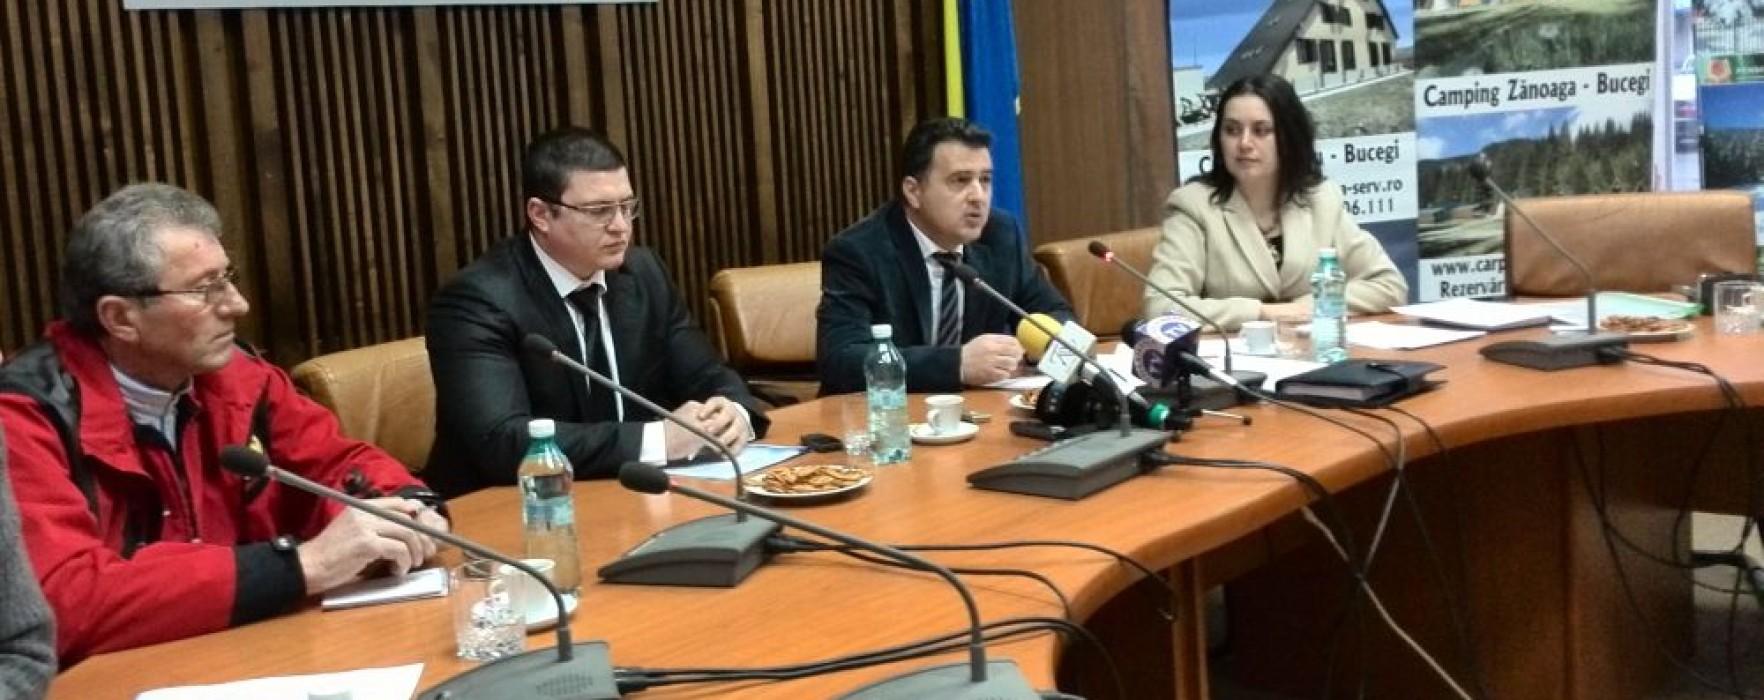 Salvamontiştii din Dâmboviţa şi jandarmii montani vor face un exerciţiu de căutare de persoane dispărute